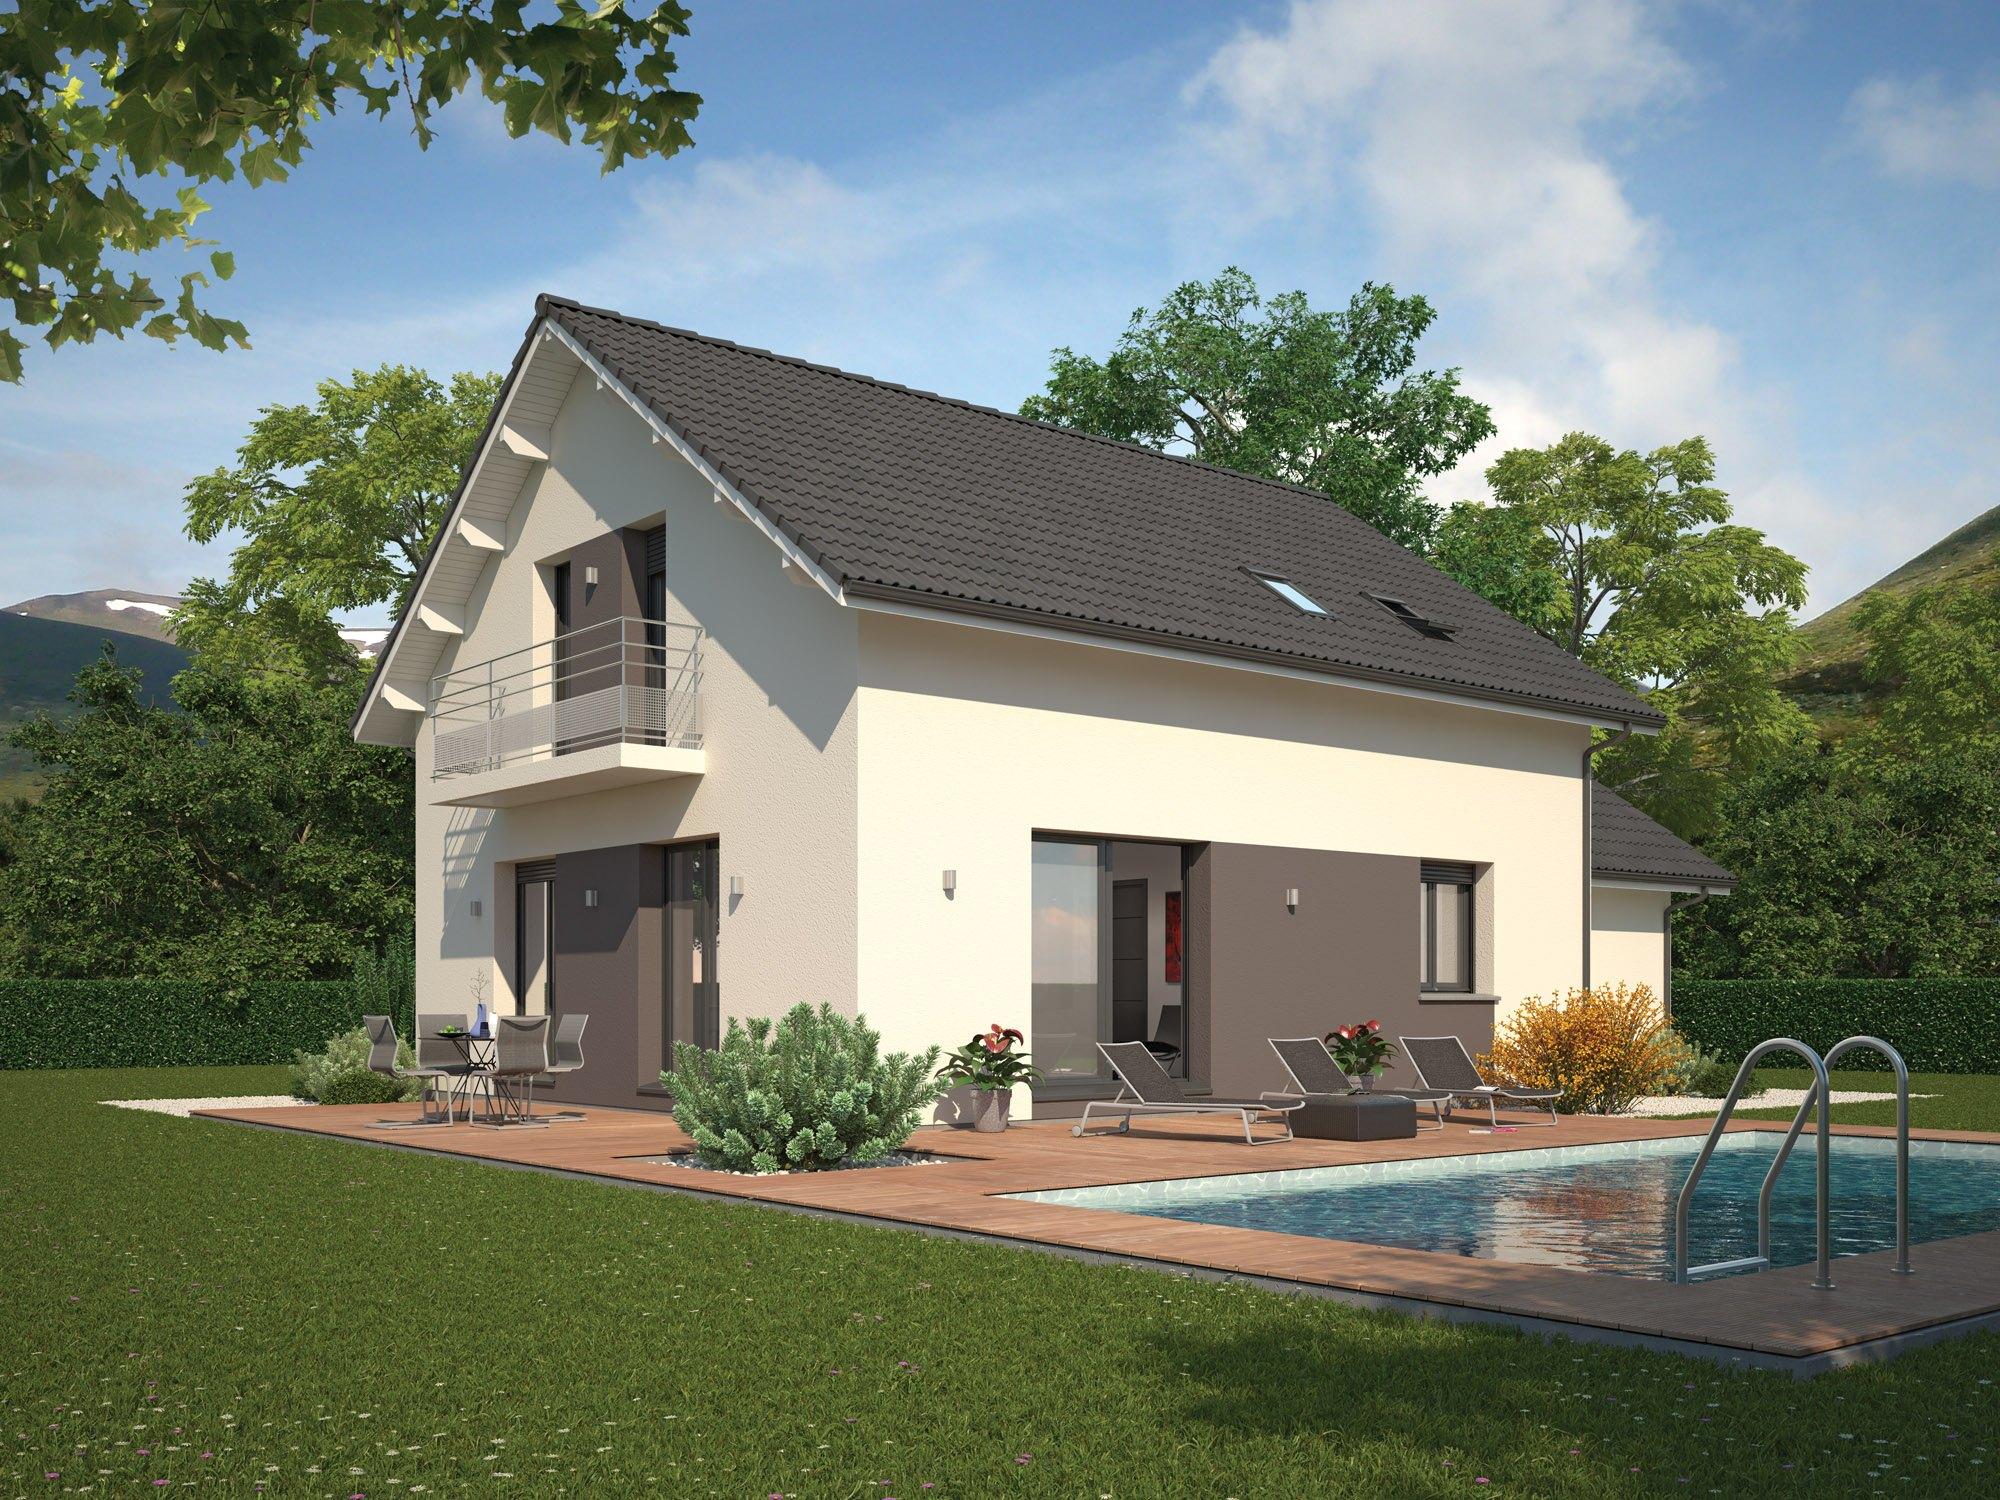 Maisons + Terrains du constructeur Maison Familiale Drumettaz Clarafond • 86 m² • PUGNY CHATENOD